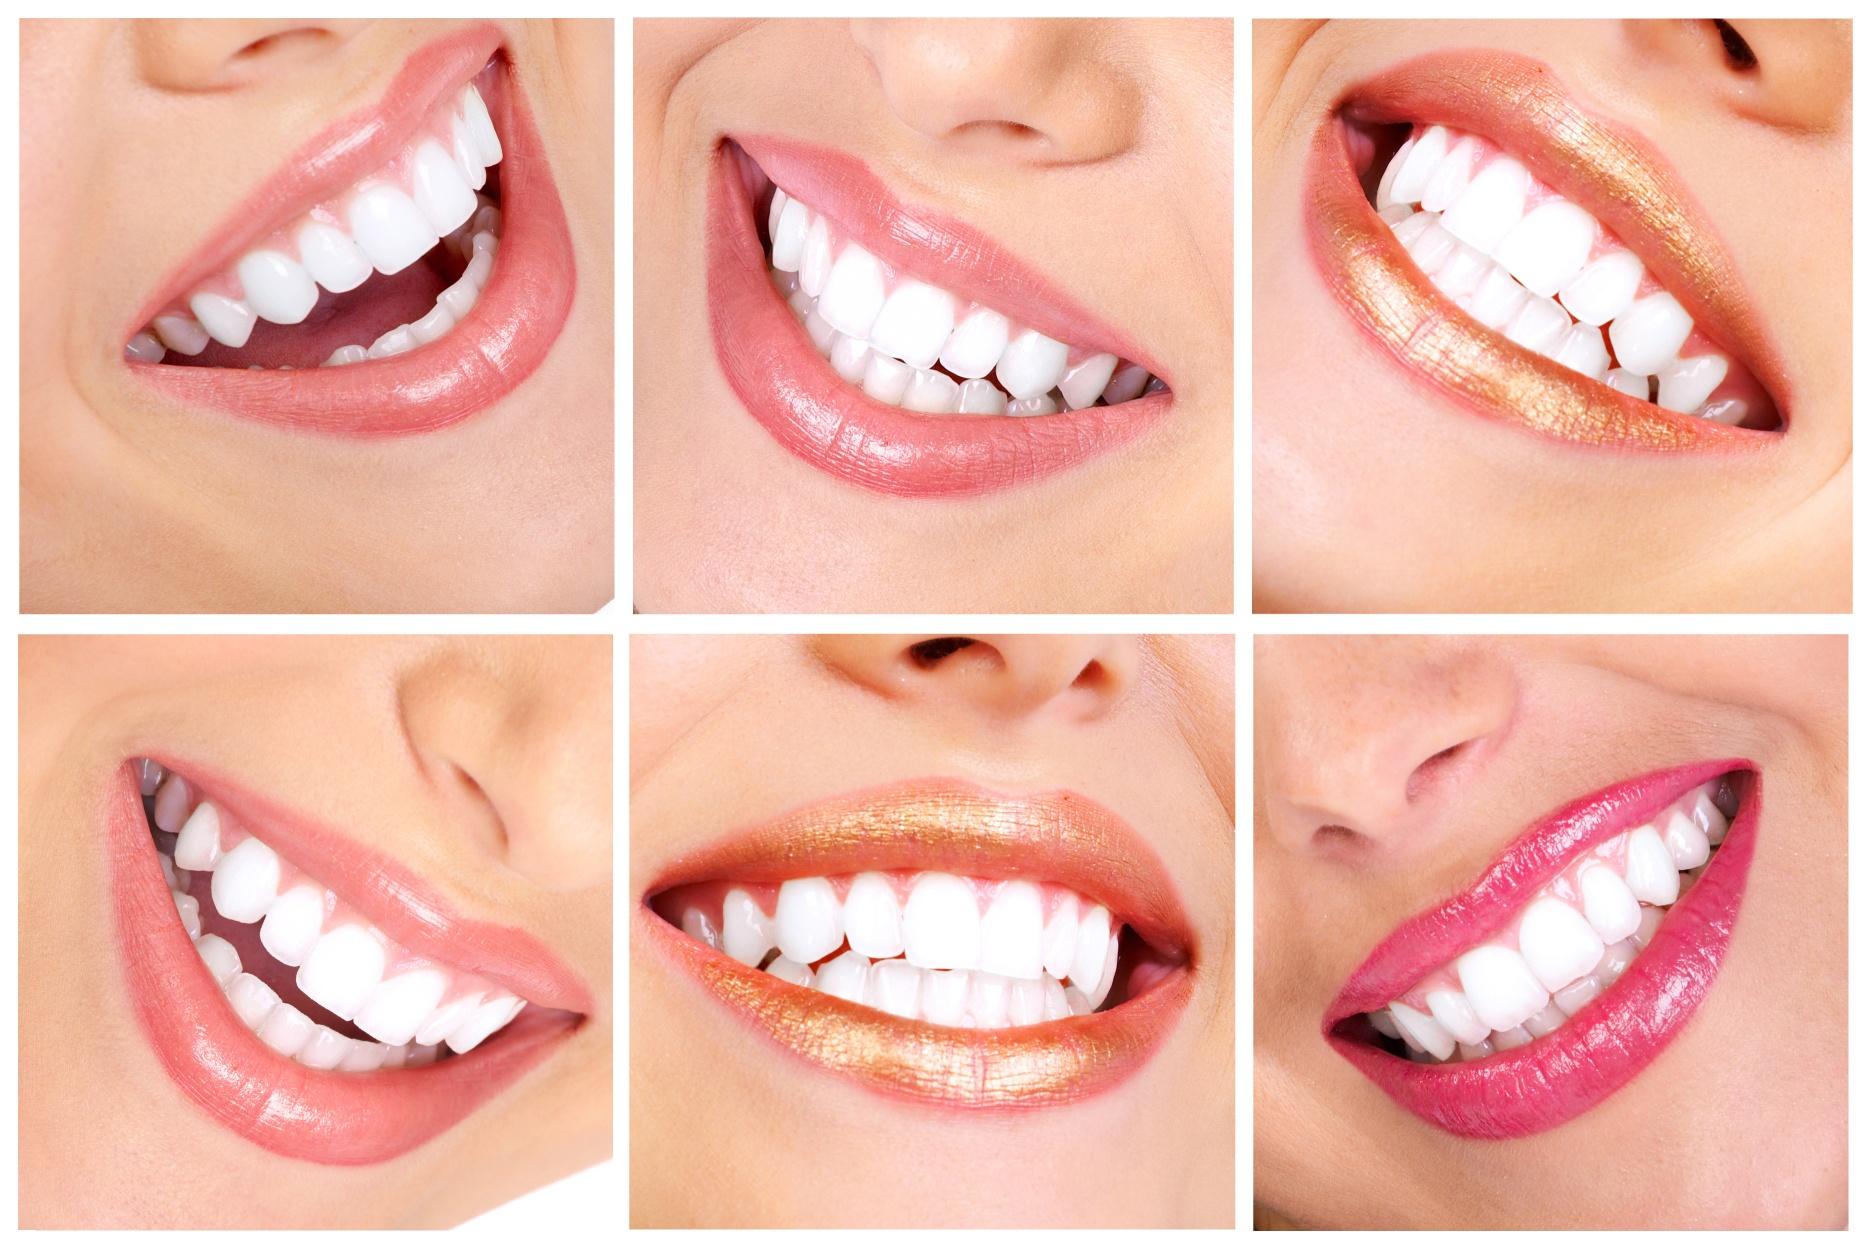 10 rád, ako si čistiť zuby a mať ich úplne zdravé a silné. Pomôž svojmu zdraviu!